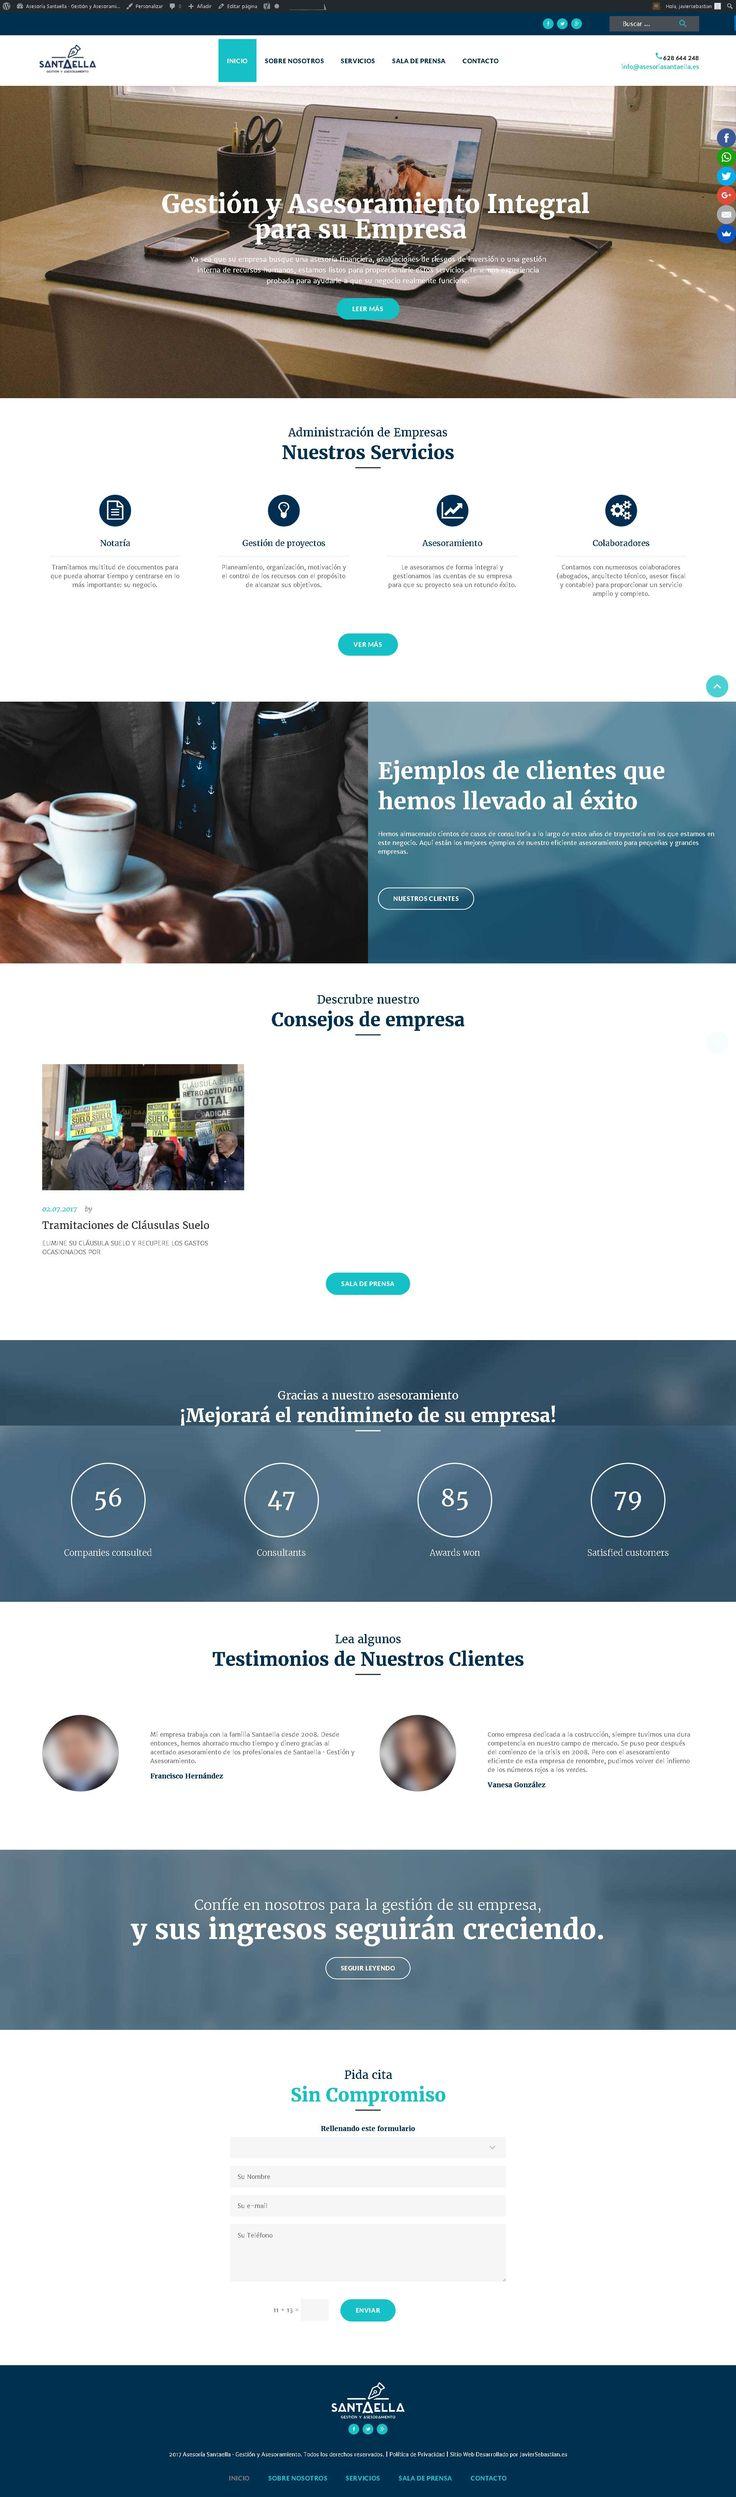 Diseño Web Santaella · Gestión y Asesoramiento -Javier Sebastián – Diseñador gráfico freelance – Diseño web – Imagen Corporativa – Redes Sociales – La Palma – Santa Cruz de Tenerife #webdesign #responsive #diseñoweb